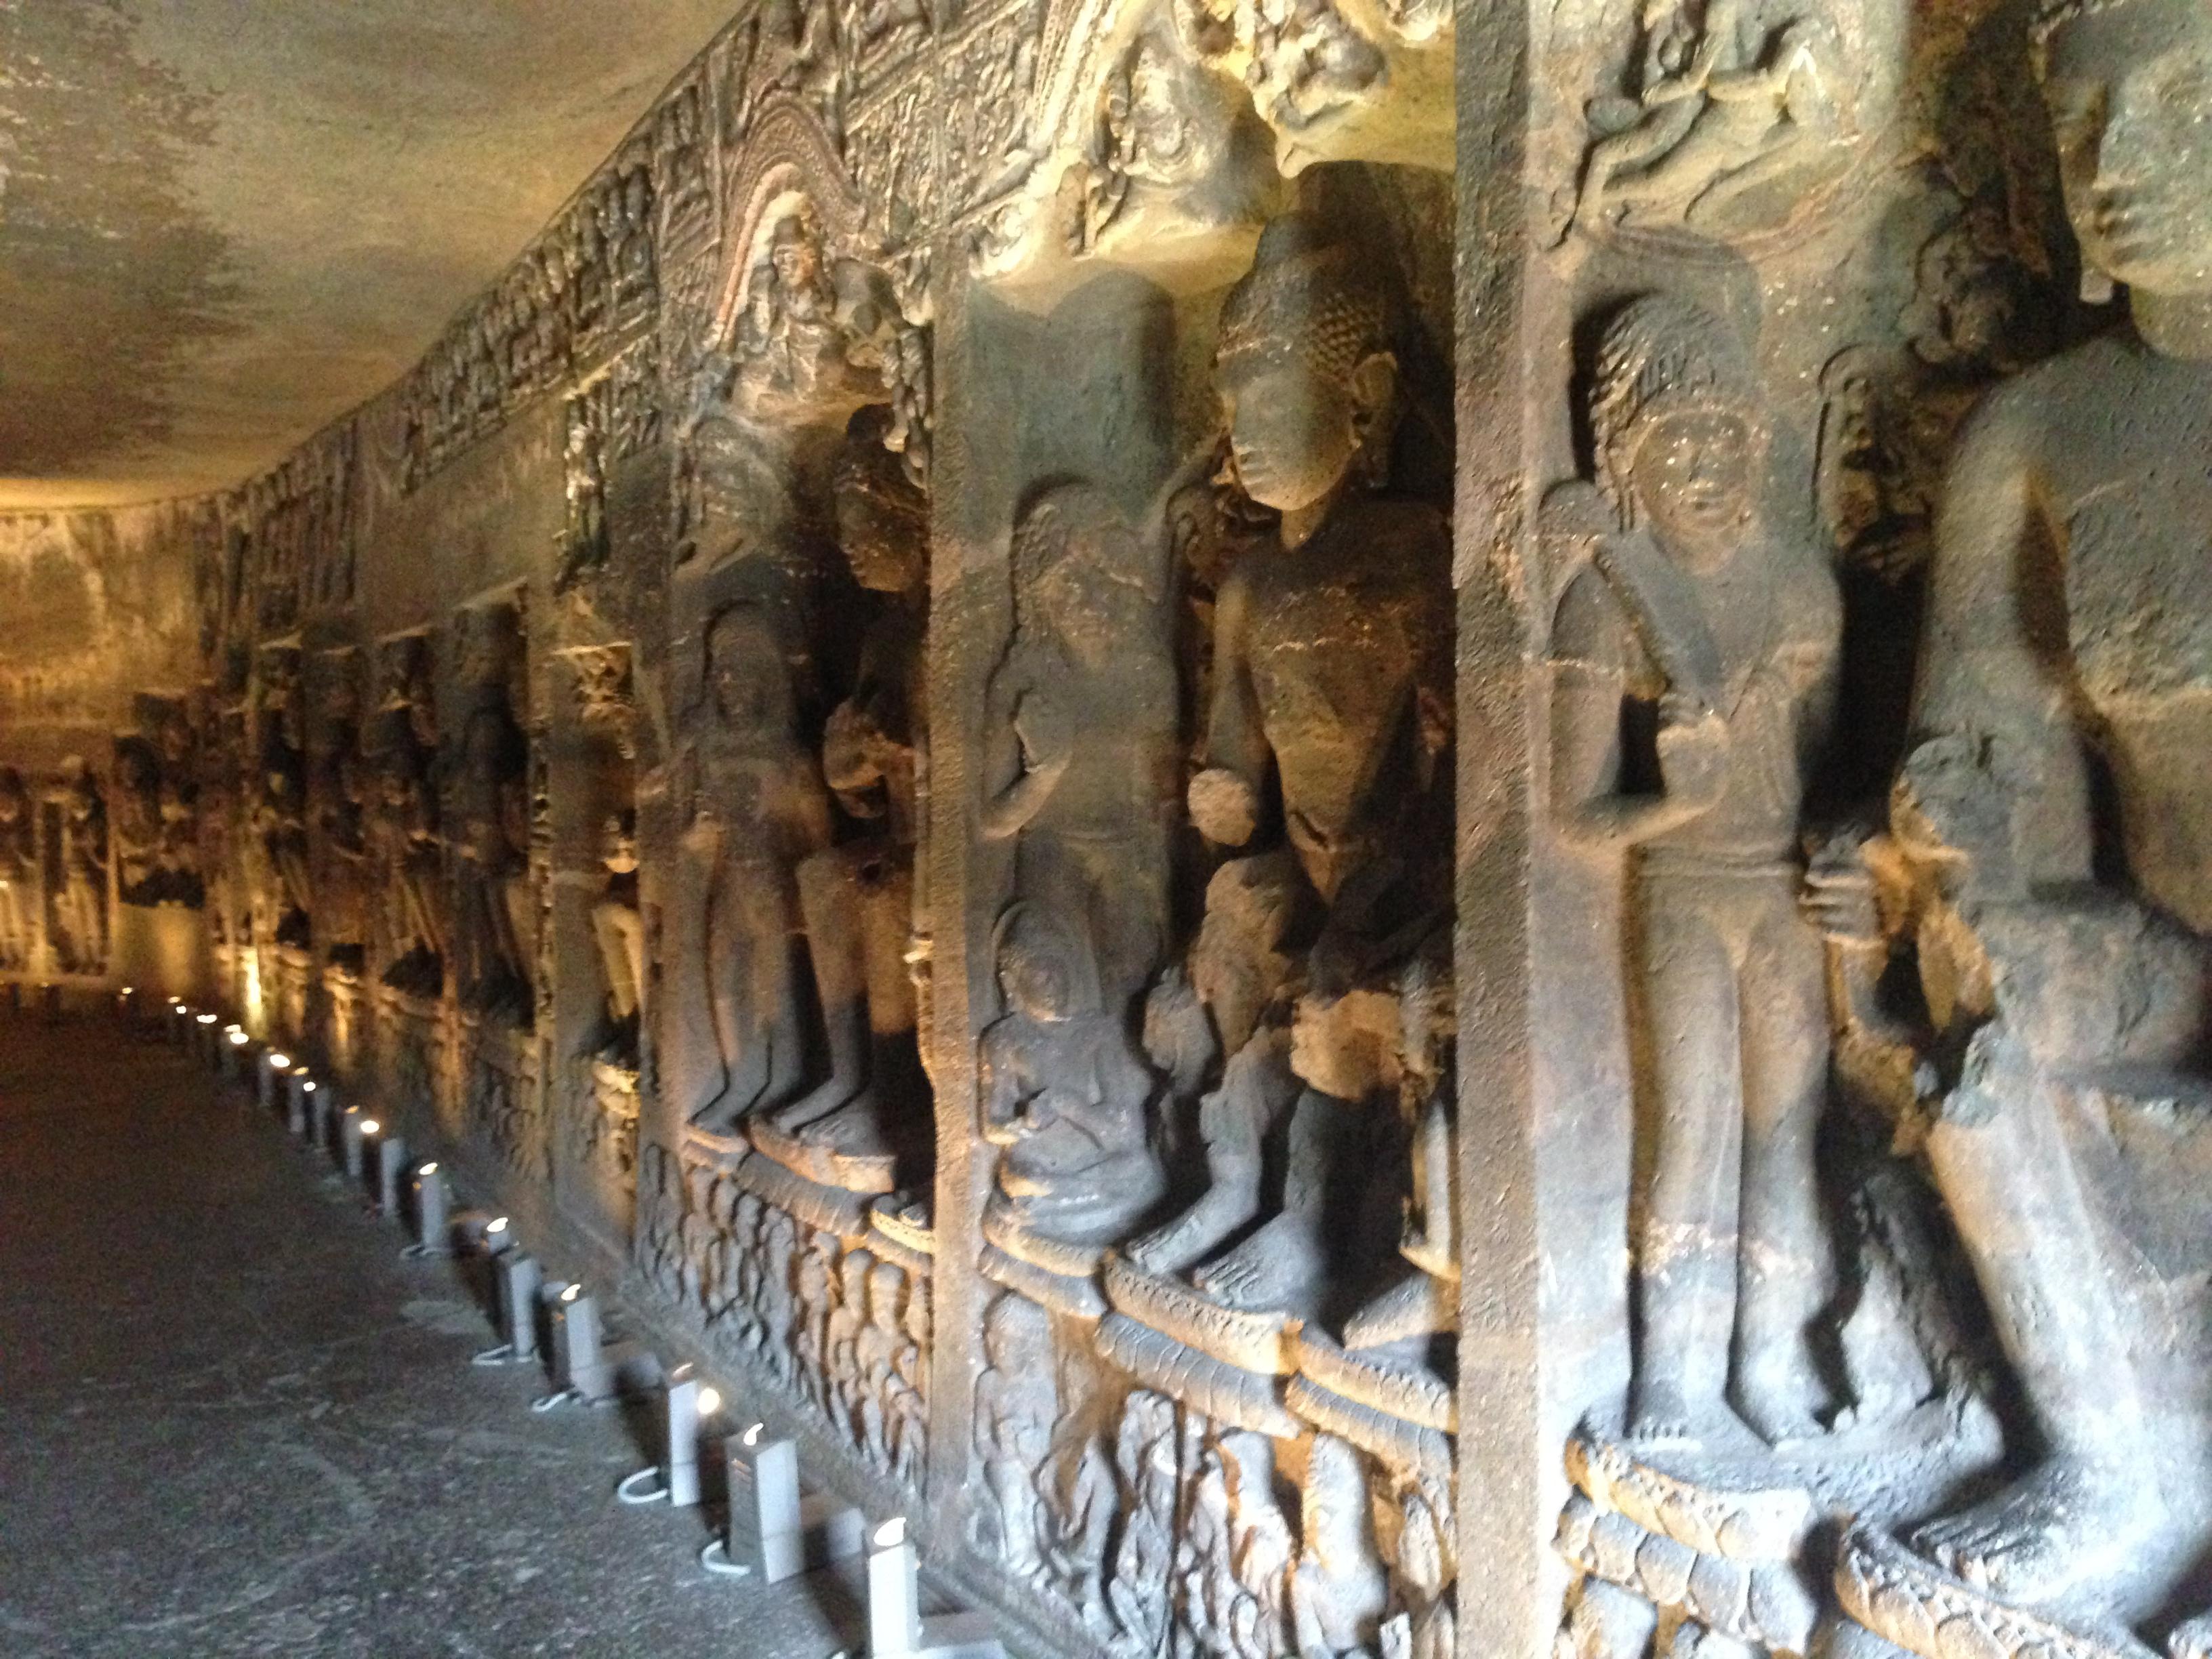 Ajanta Caves - Sculptures